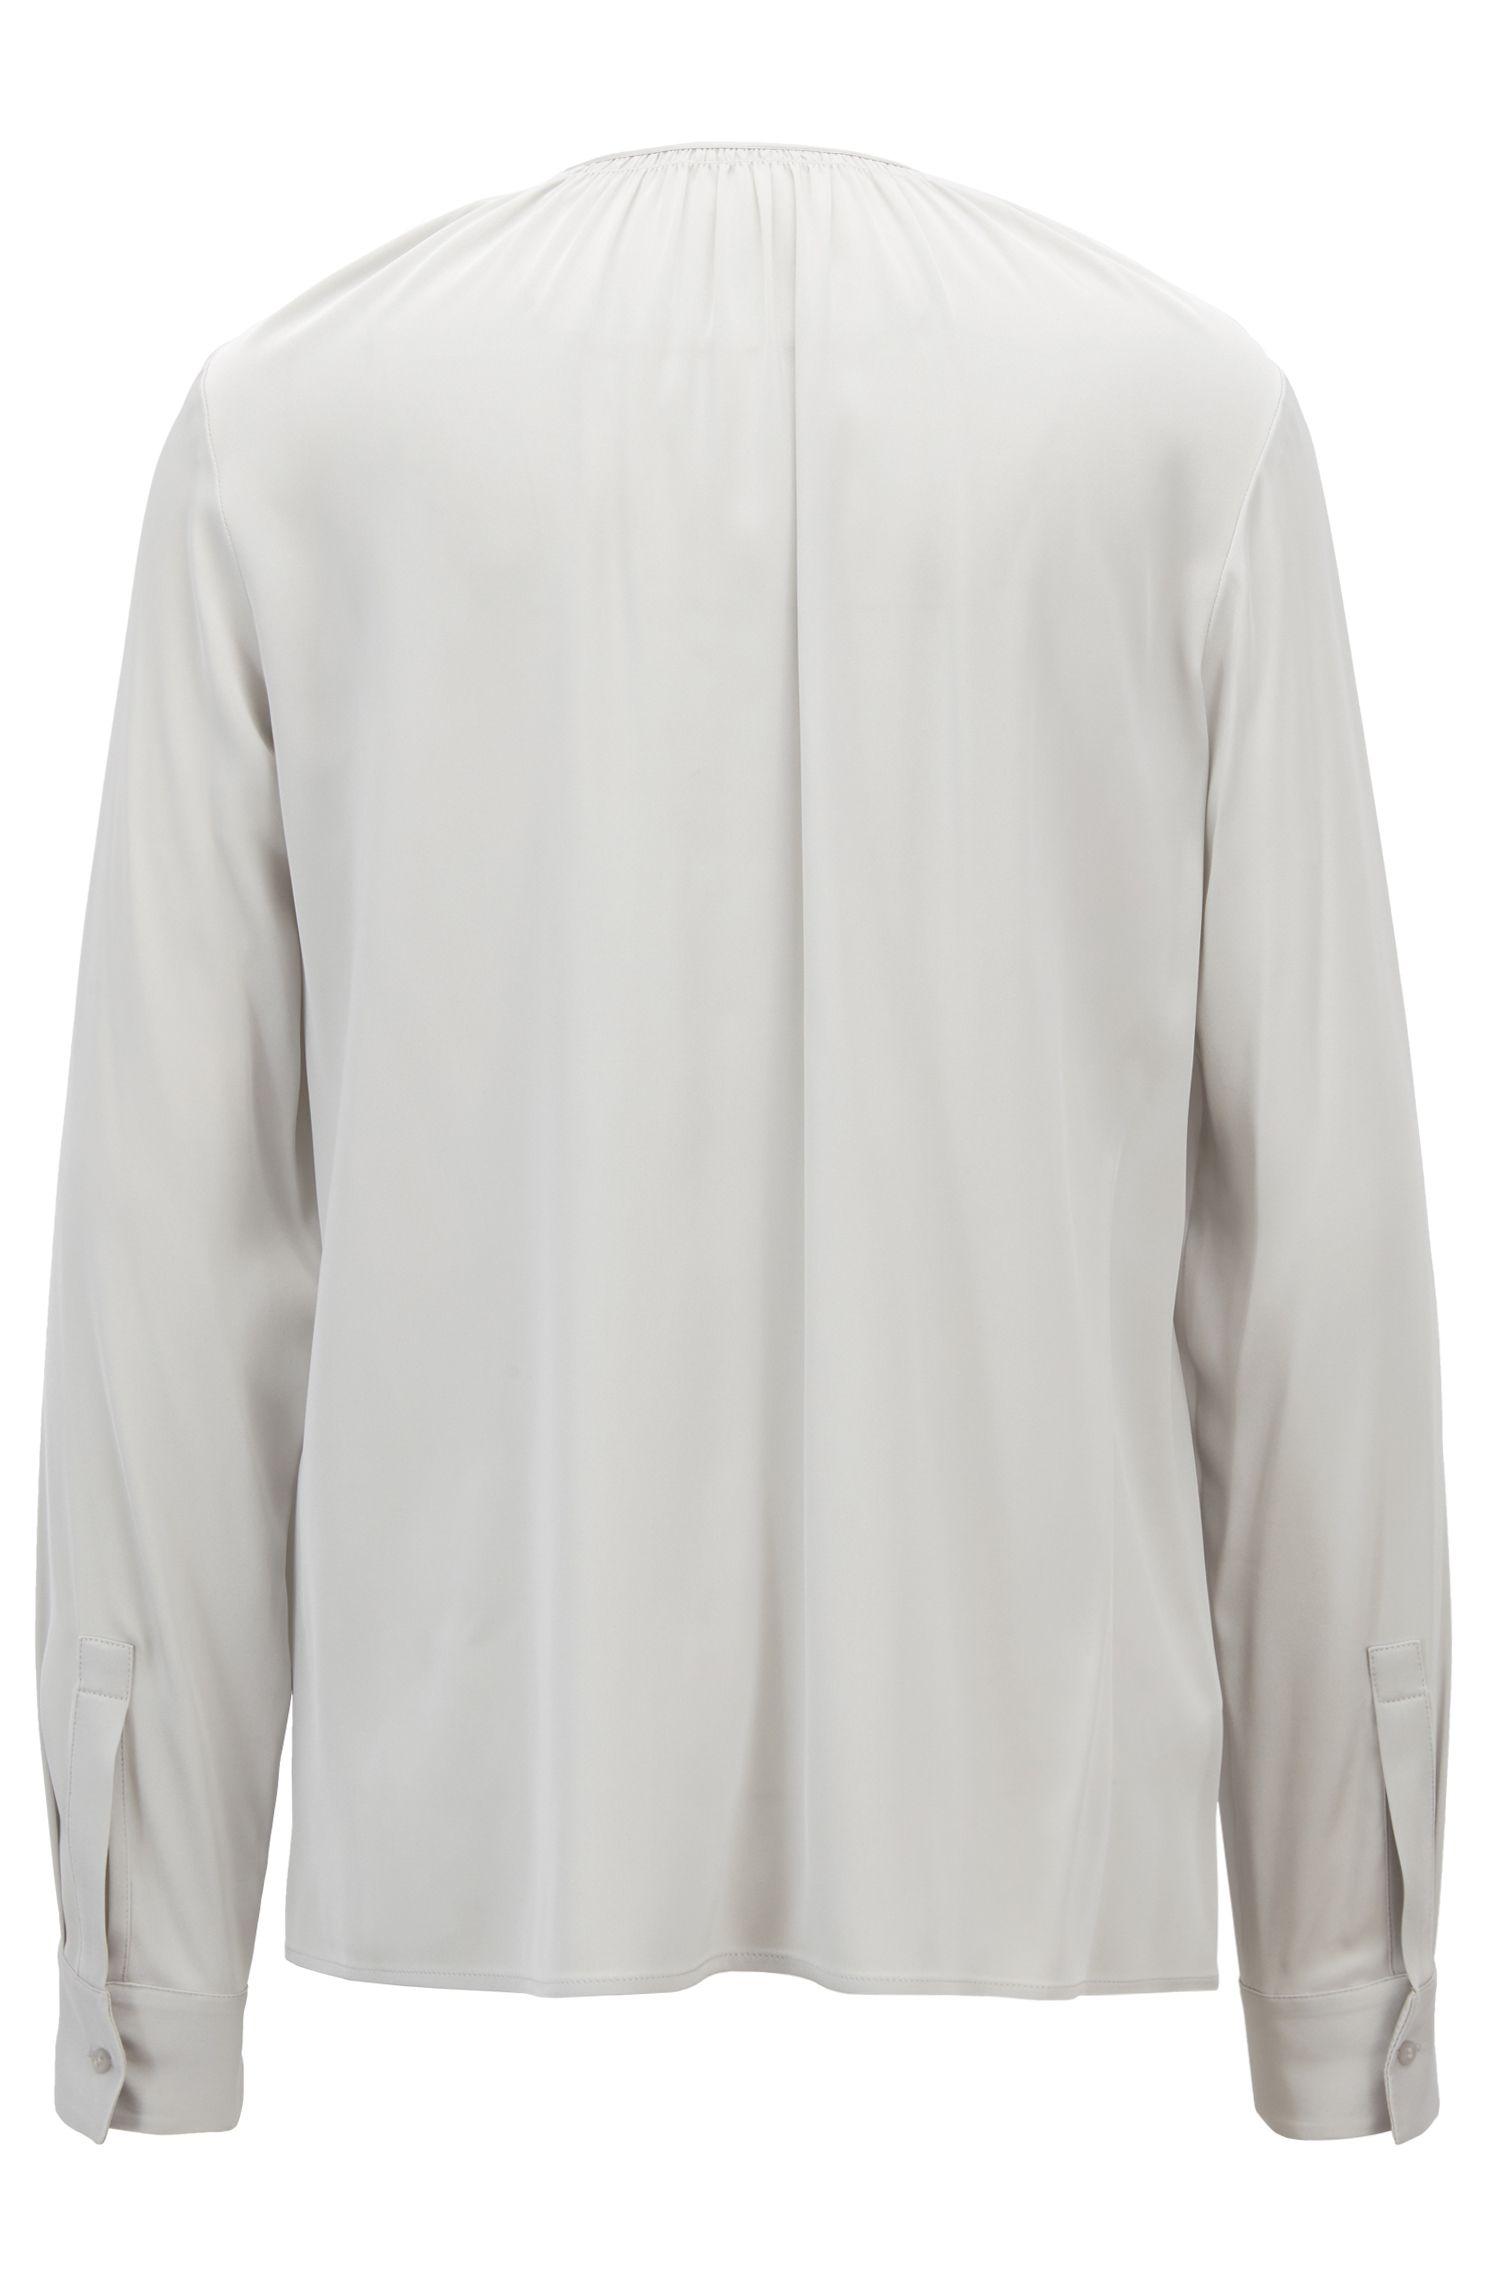 Bluse aus Crêpe de Chine mit gesmoktem Ausschnitt, Silber